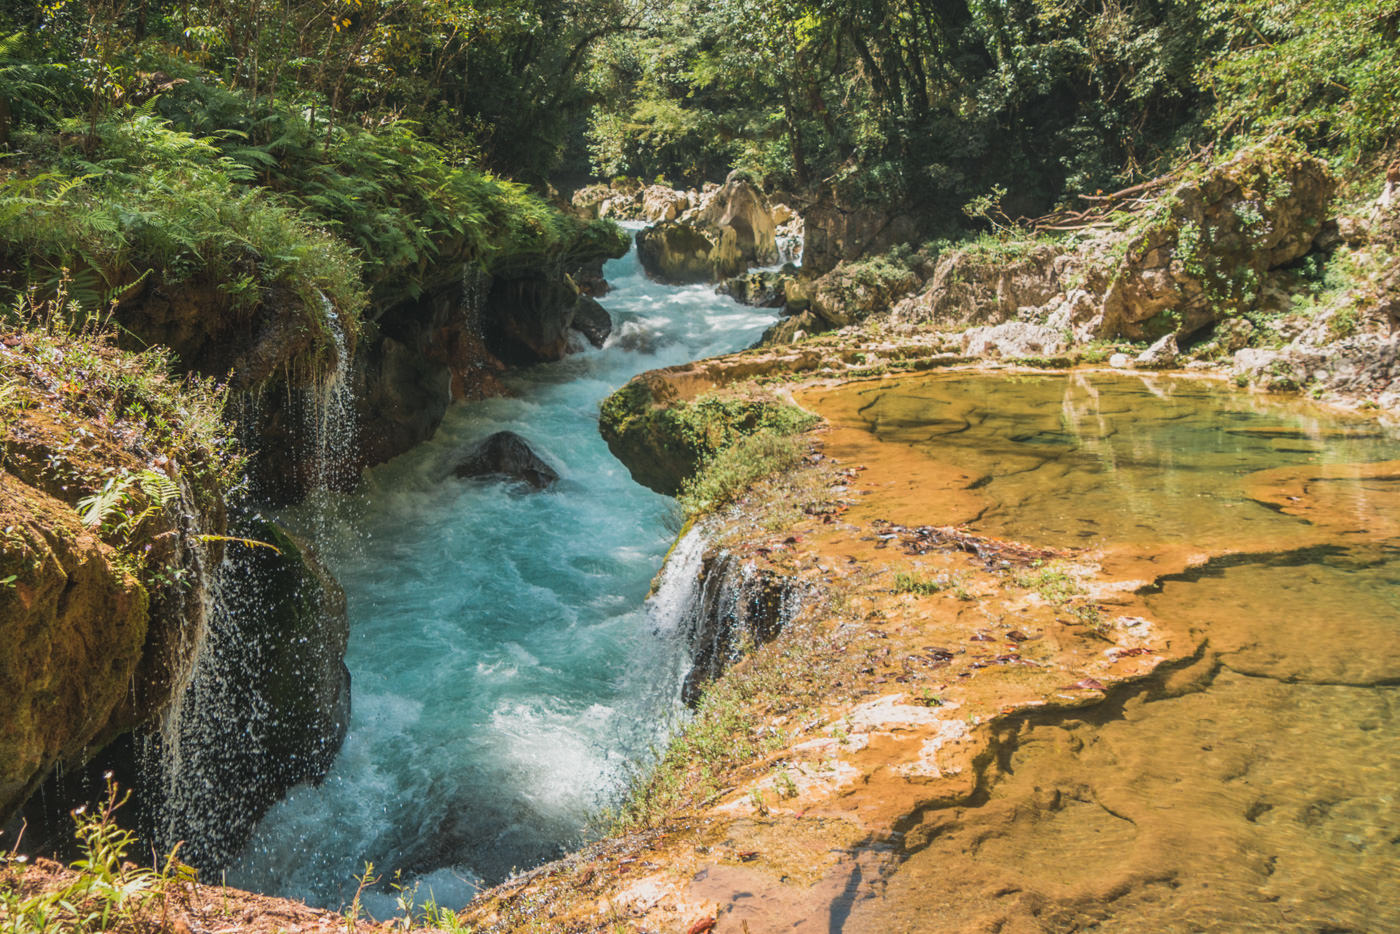 Der Fluss der durch Semuc Champey fließt